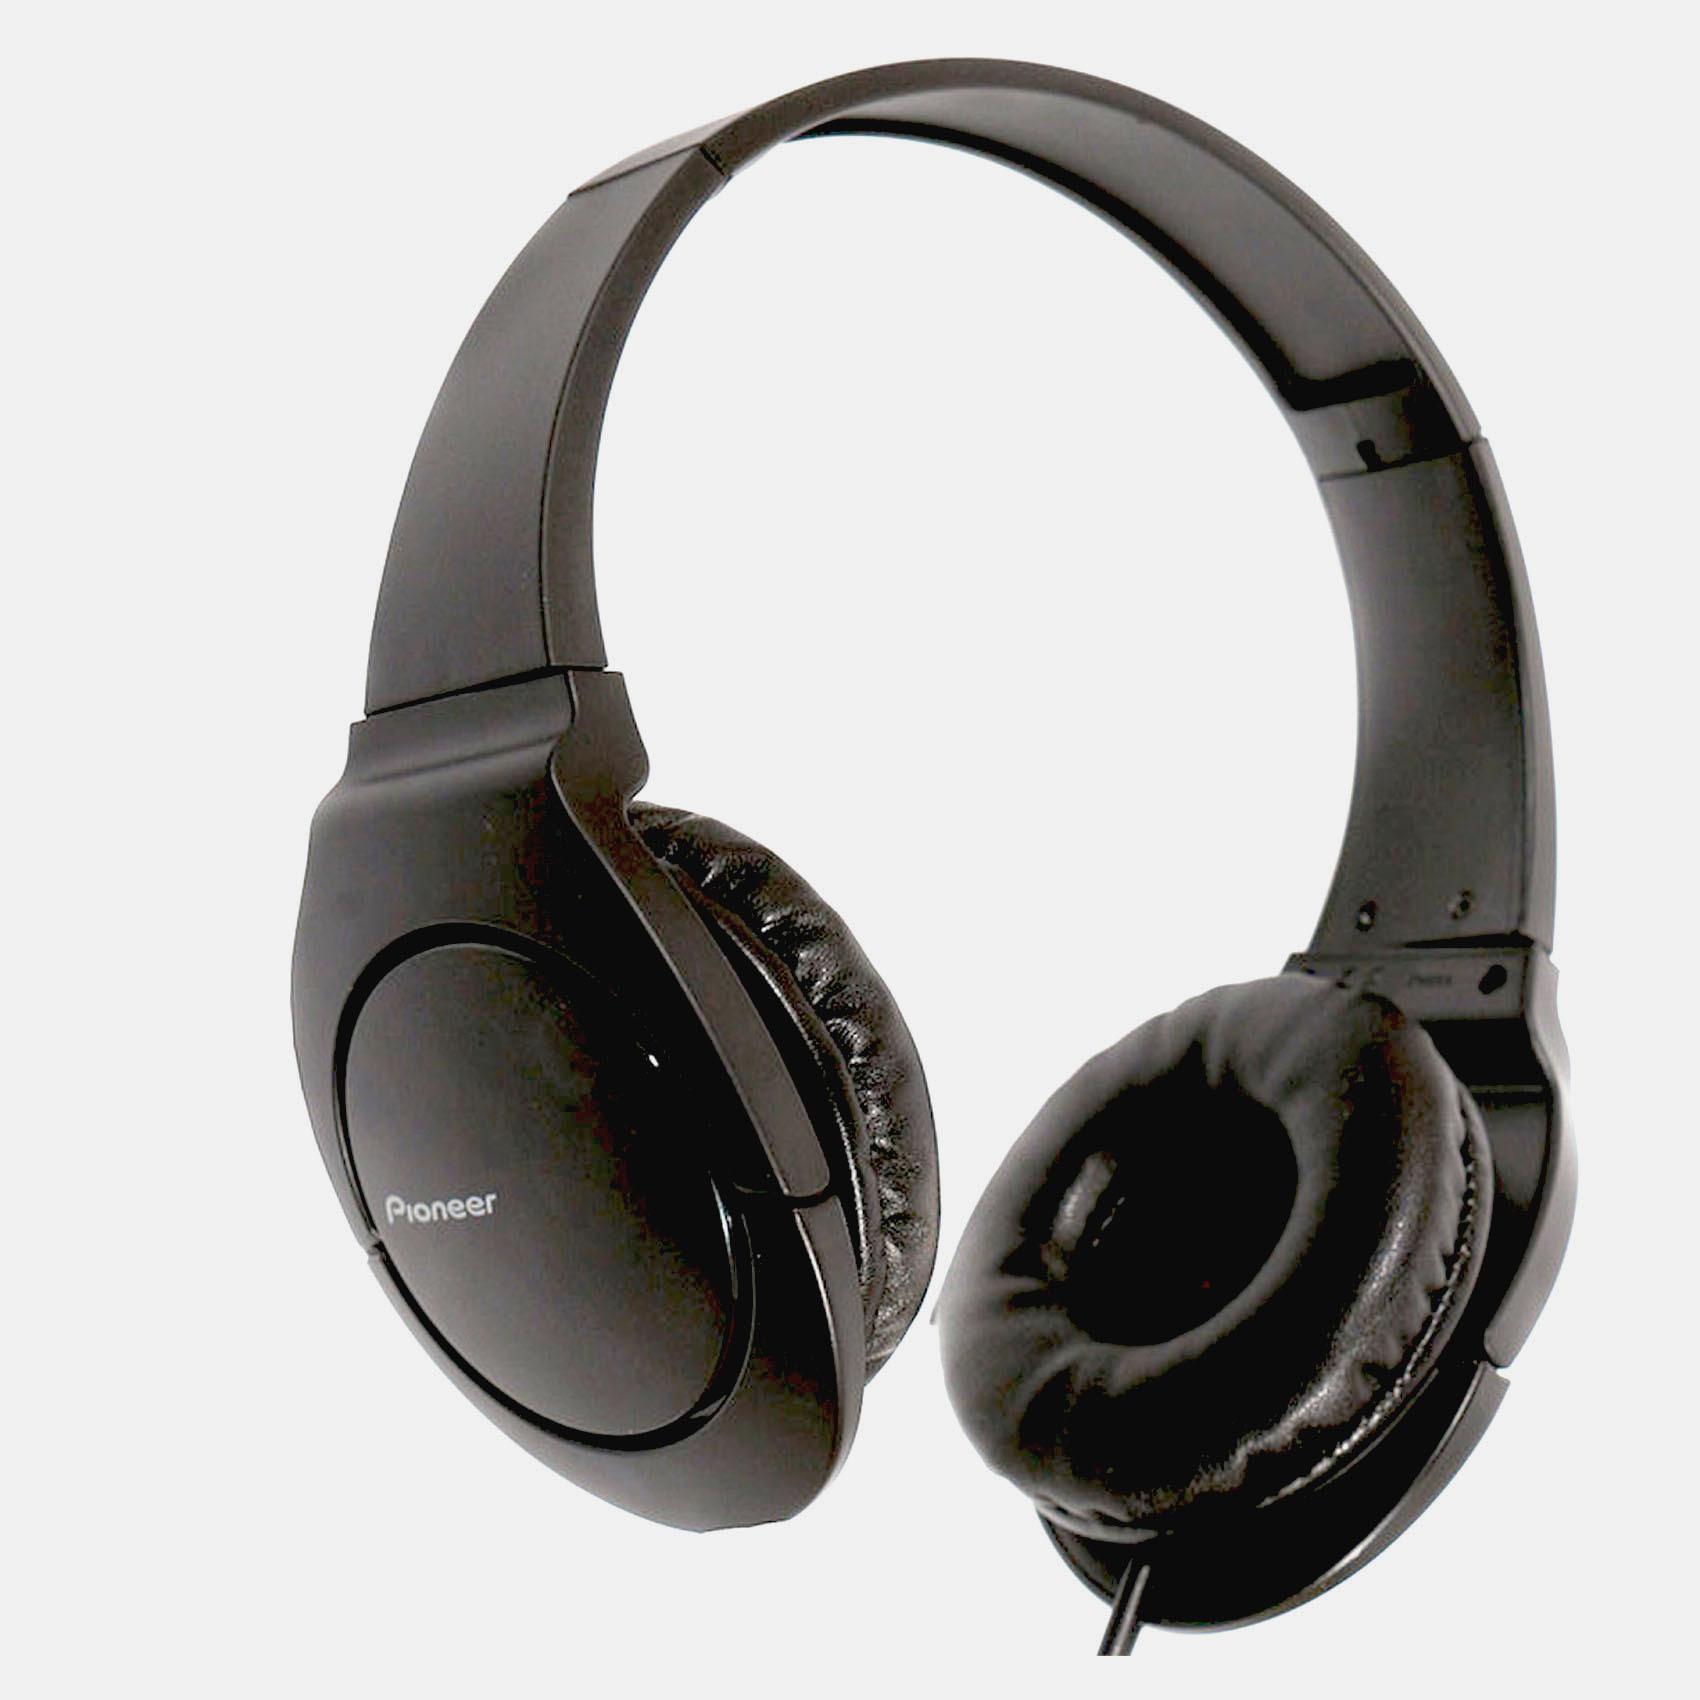 PIONEER HEADPH SE-MJ721-K BK